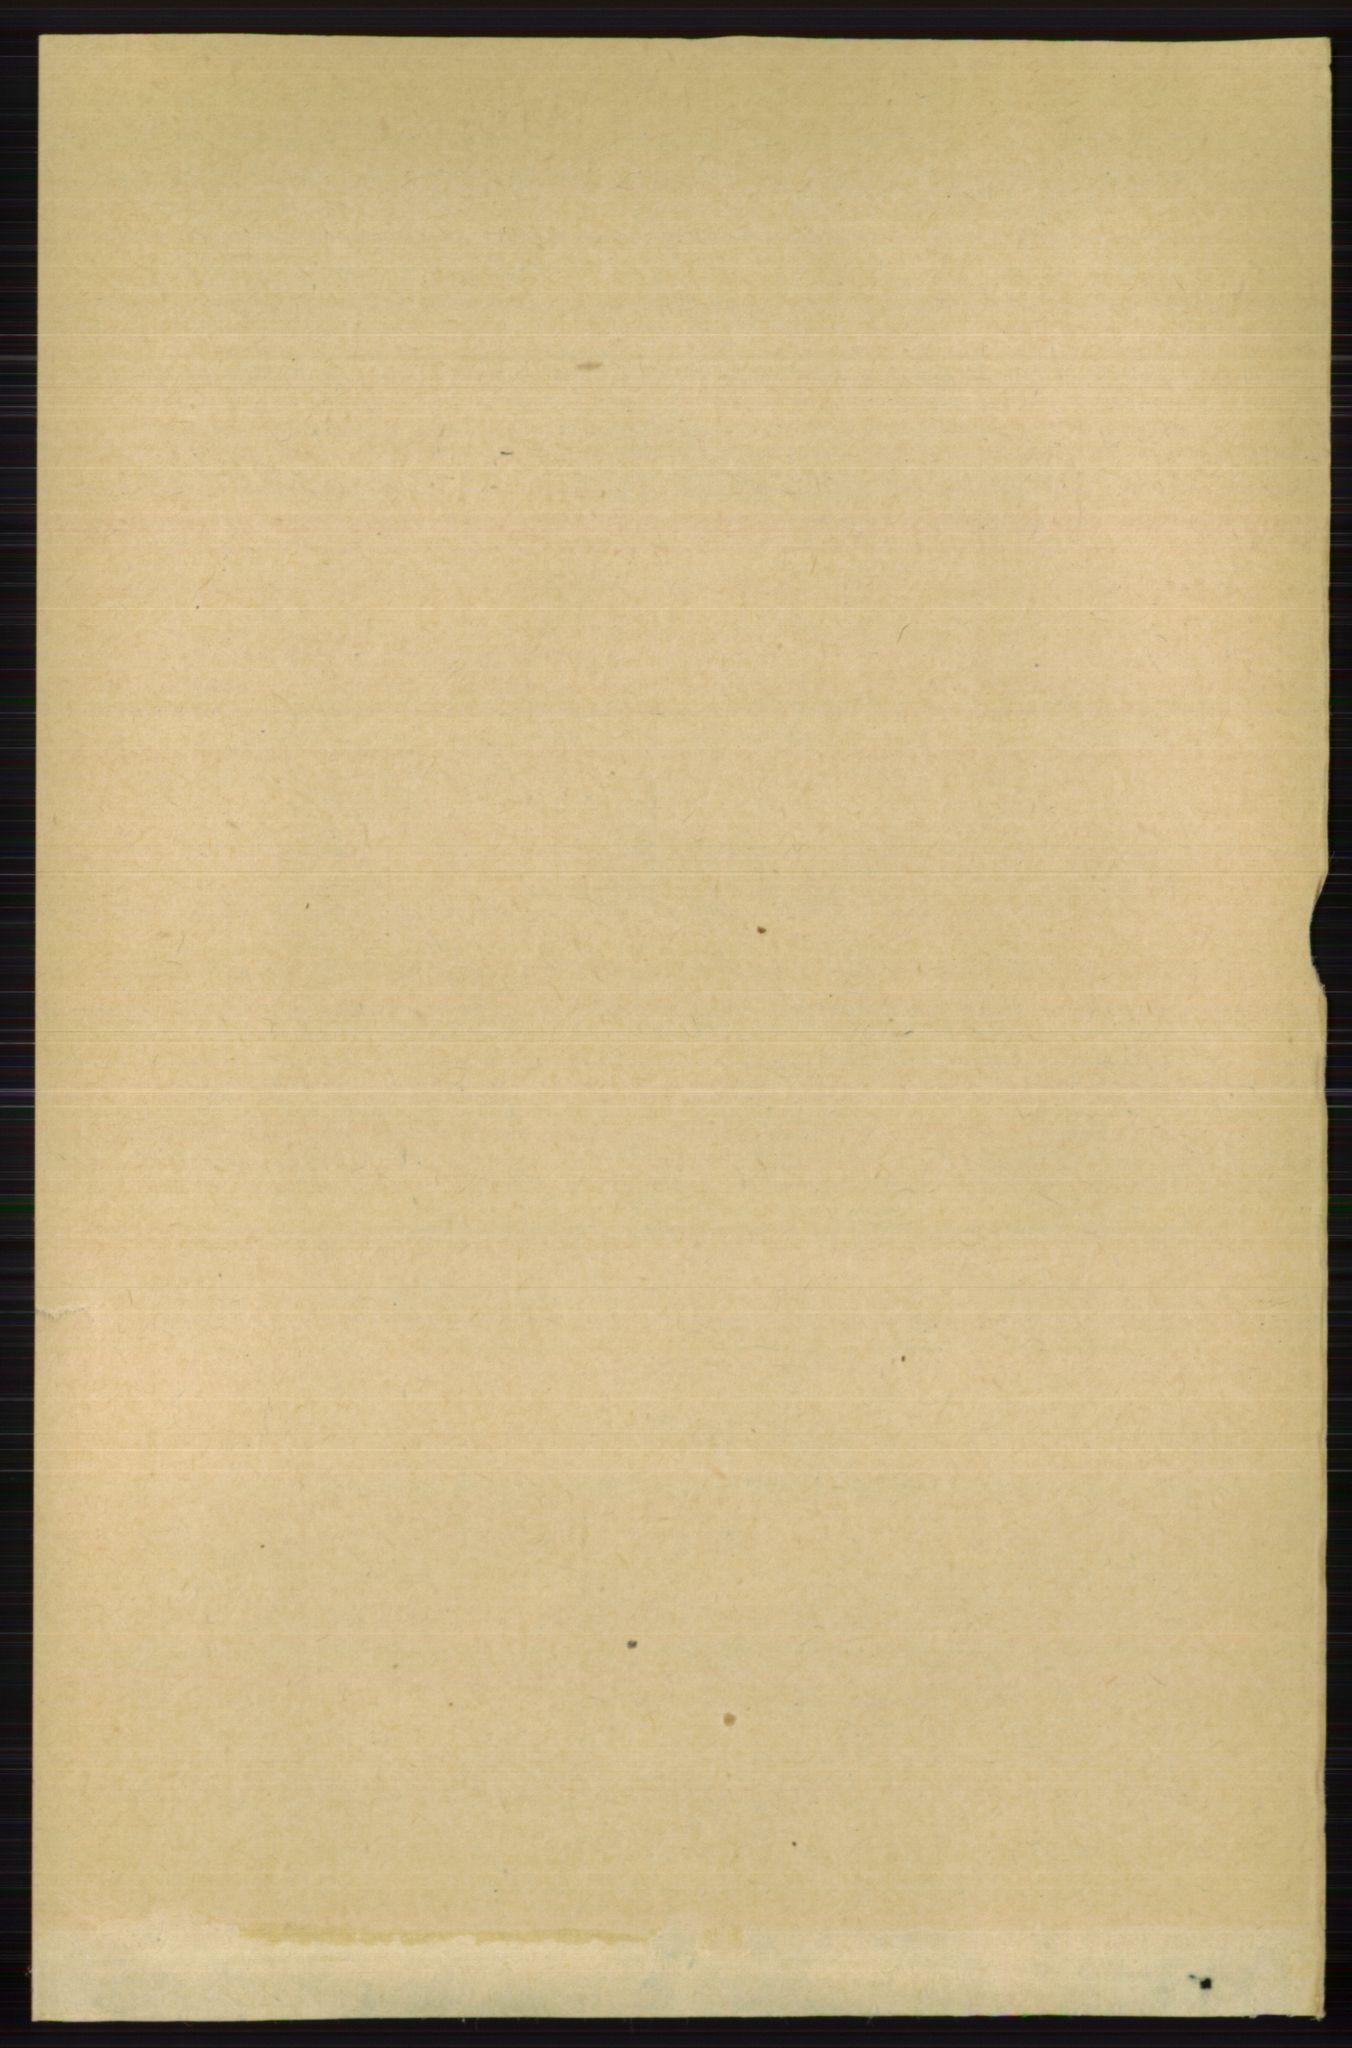 RA, Folketelling 1891 for 0627 Røyken herred, 1891, s. 1194